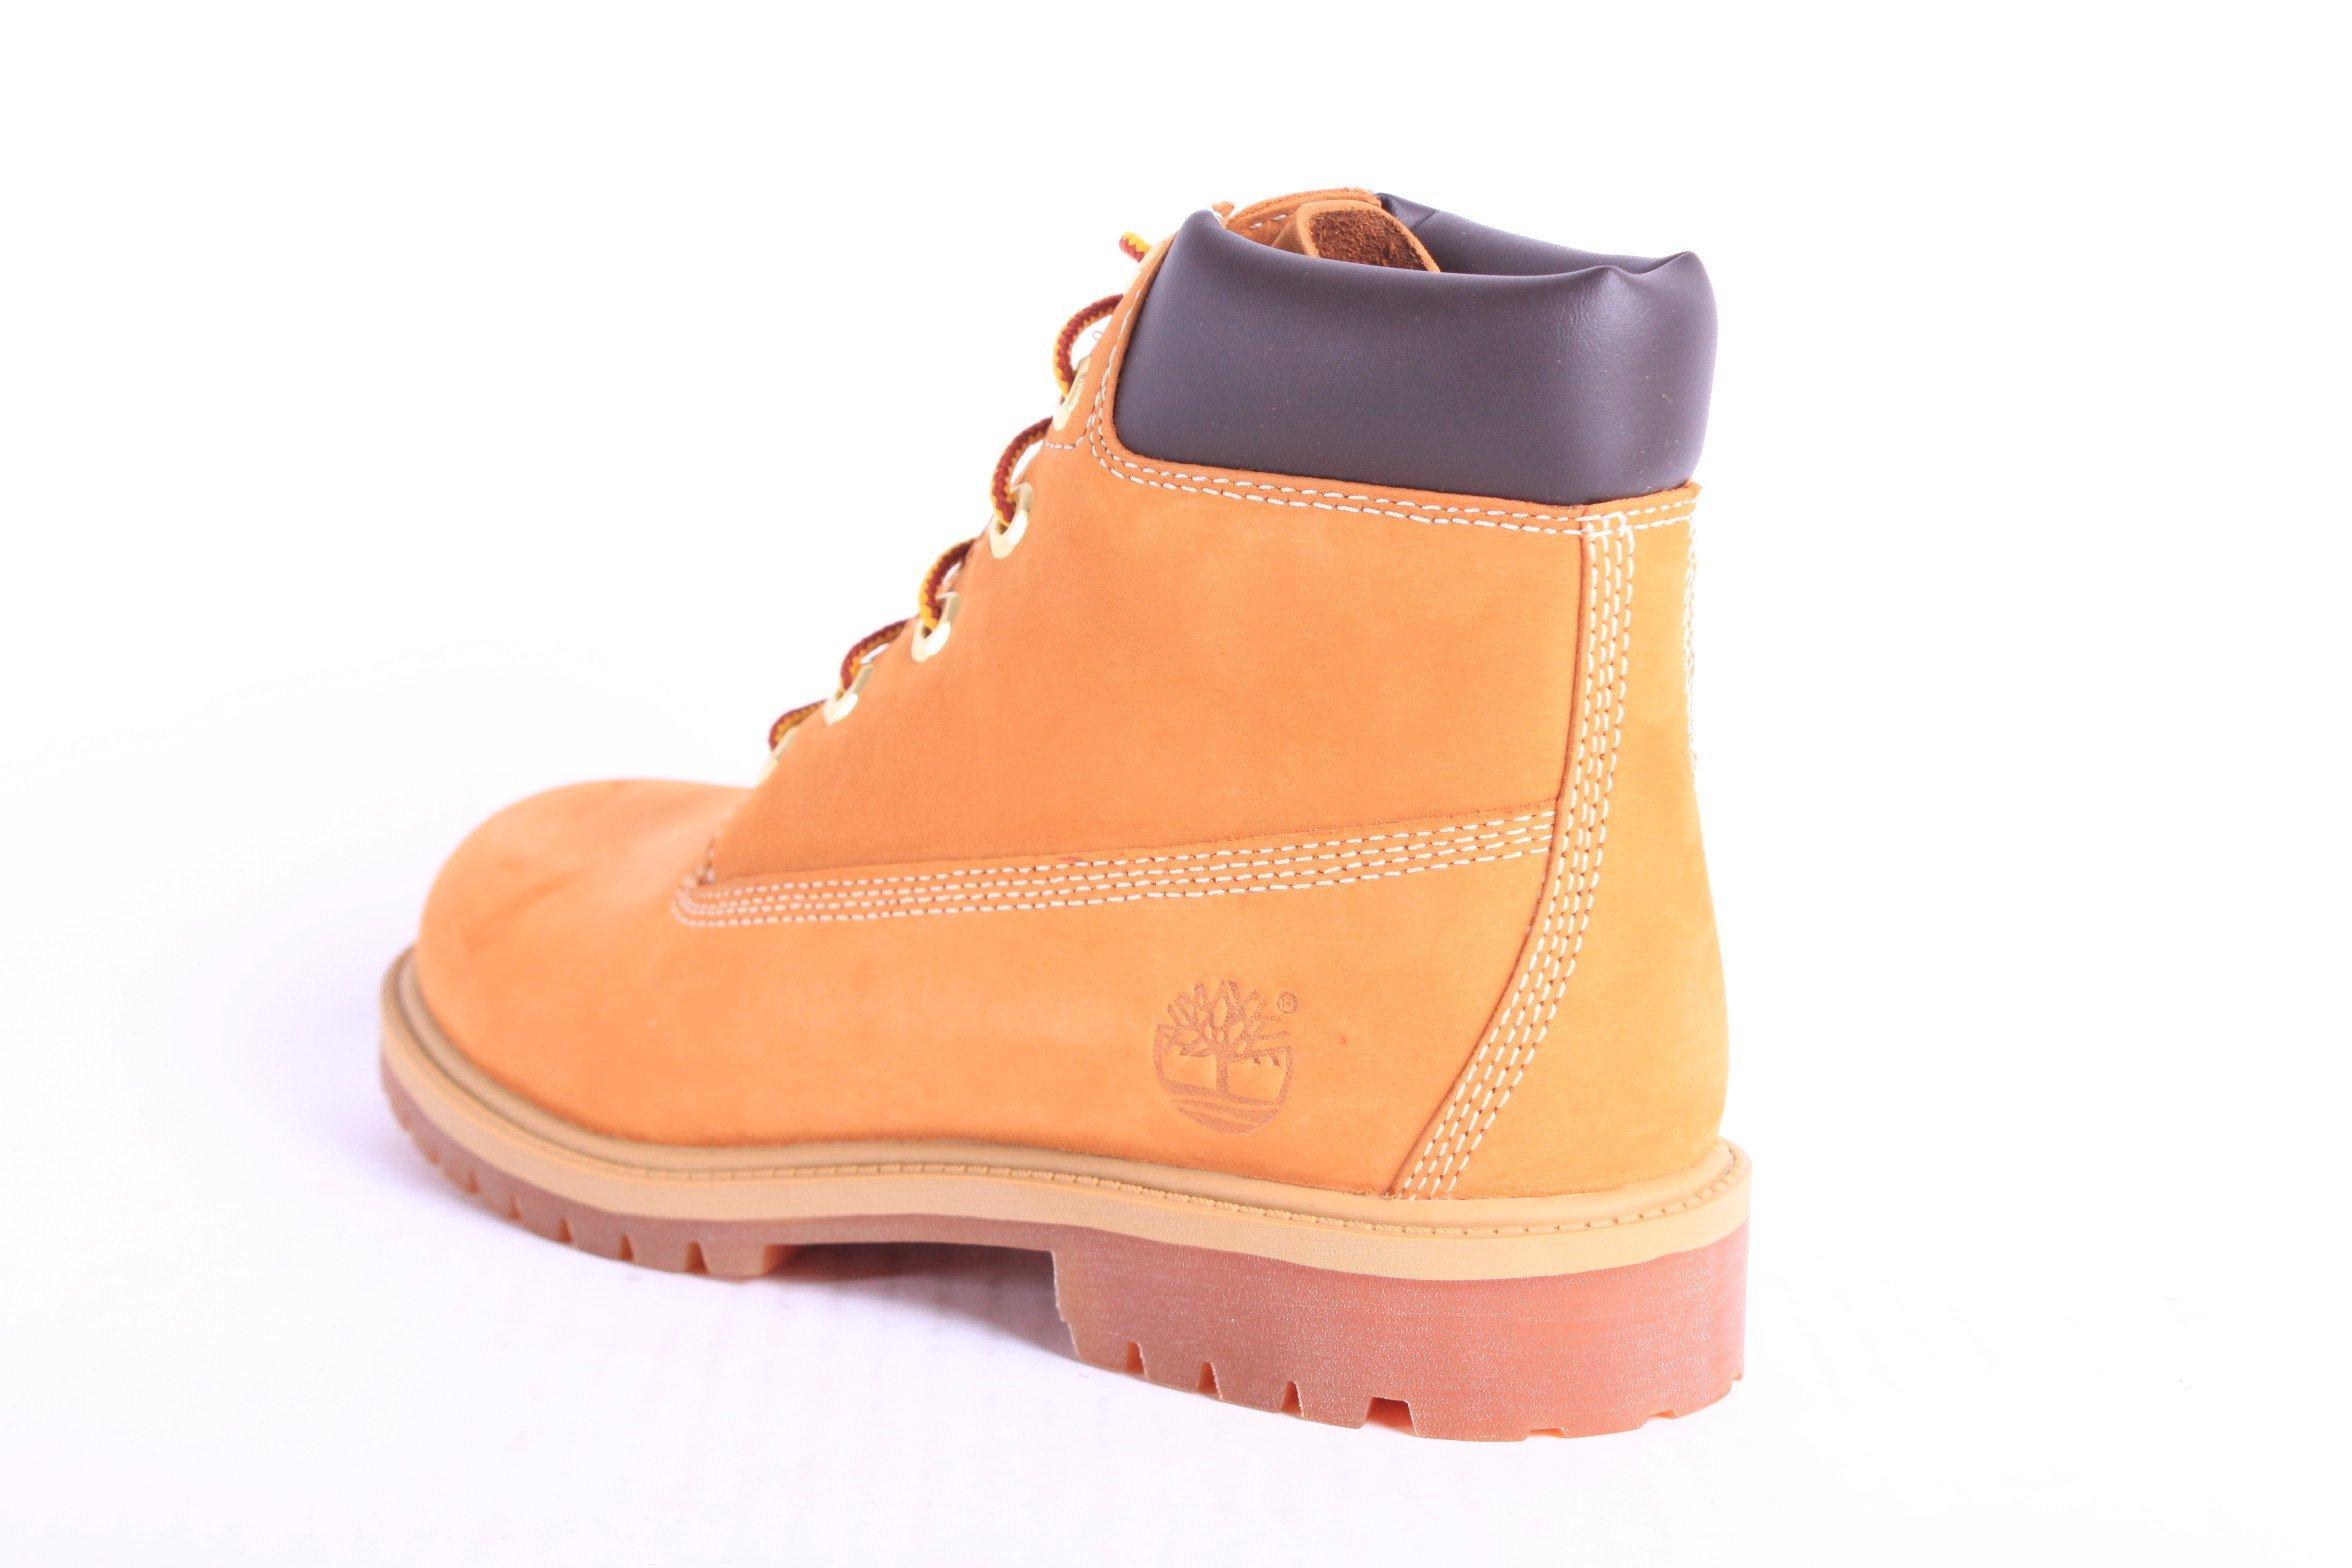 Timberland 6'' C12907 Premium Waterproof Boot,Wheat Nubuck,6.5 M US Big Kid